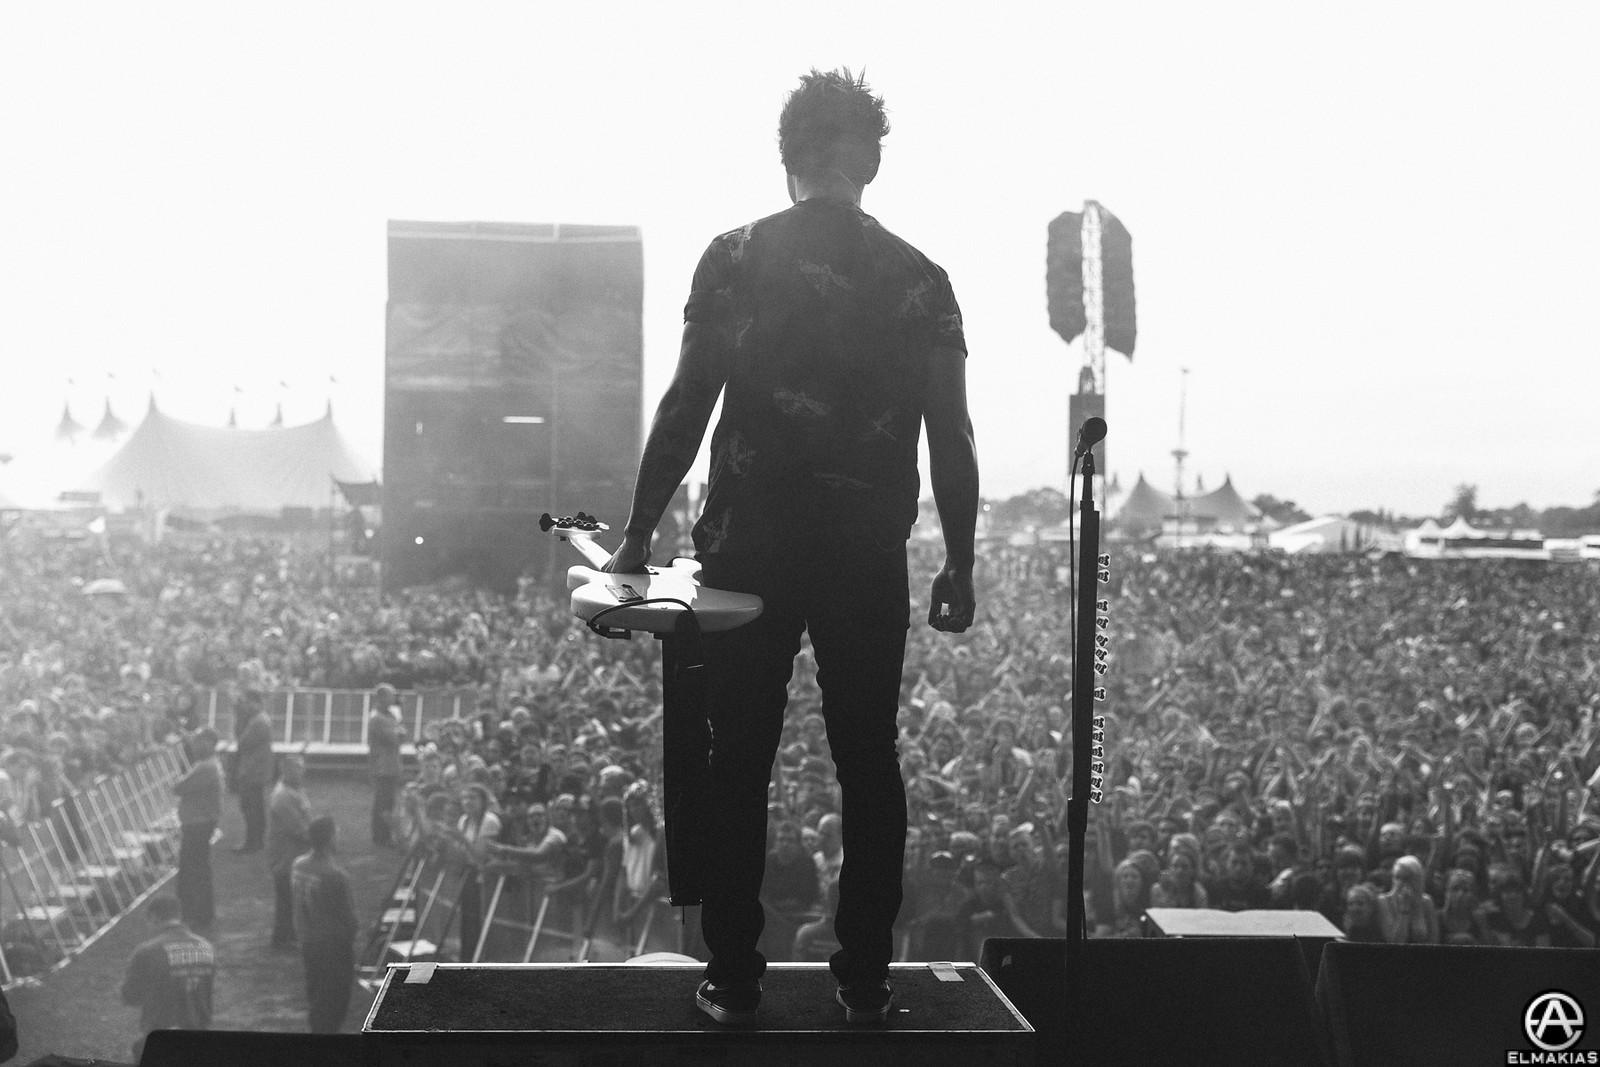 Jaime Preciado of Pierce The Veil live at Reading Festival 2015 by Adam Elmakias